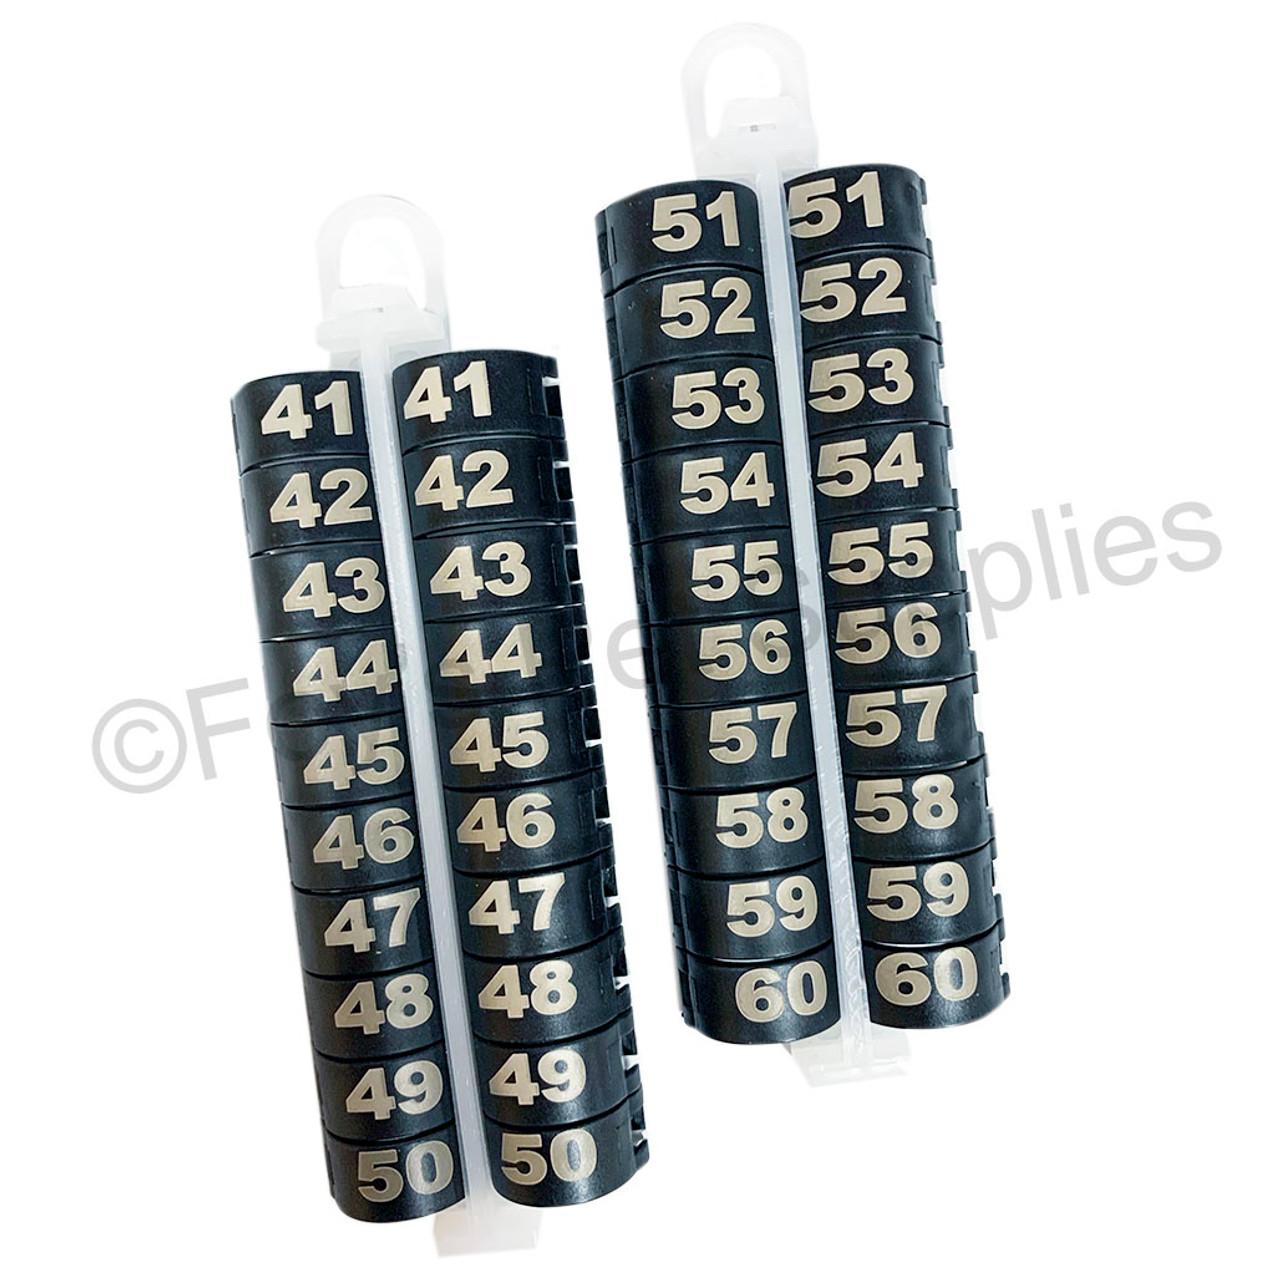 E-Z LOCKRINGS W/ NUMBERS 41 - 60 (14 MM)